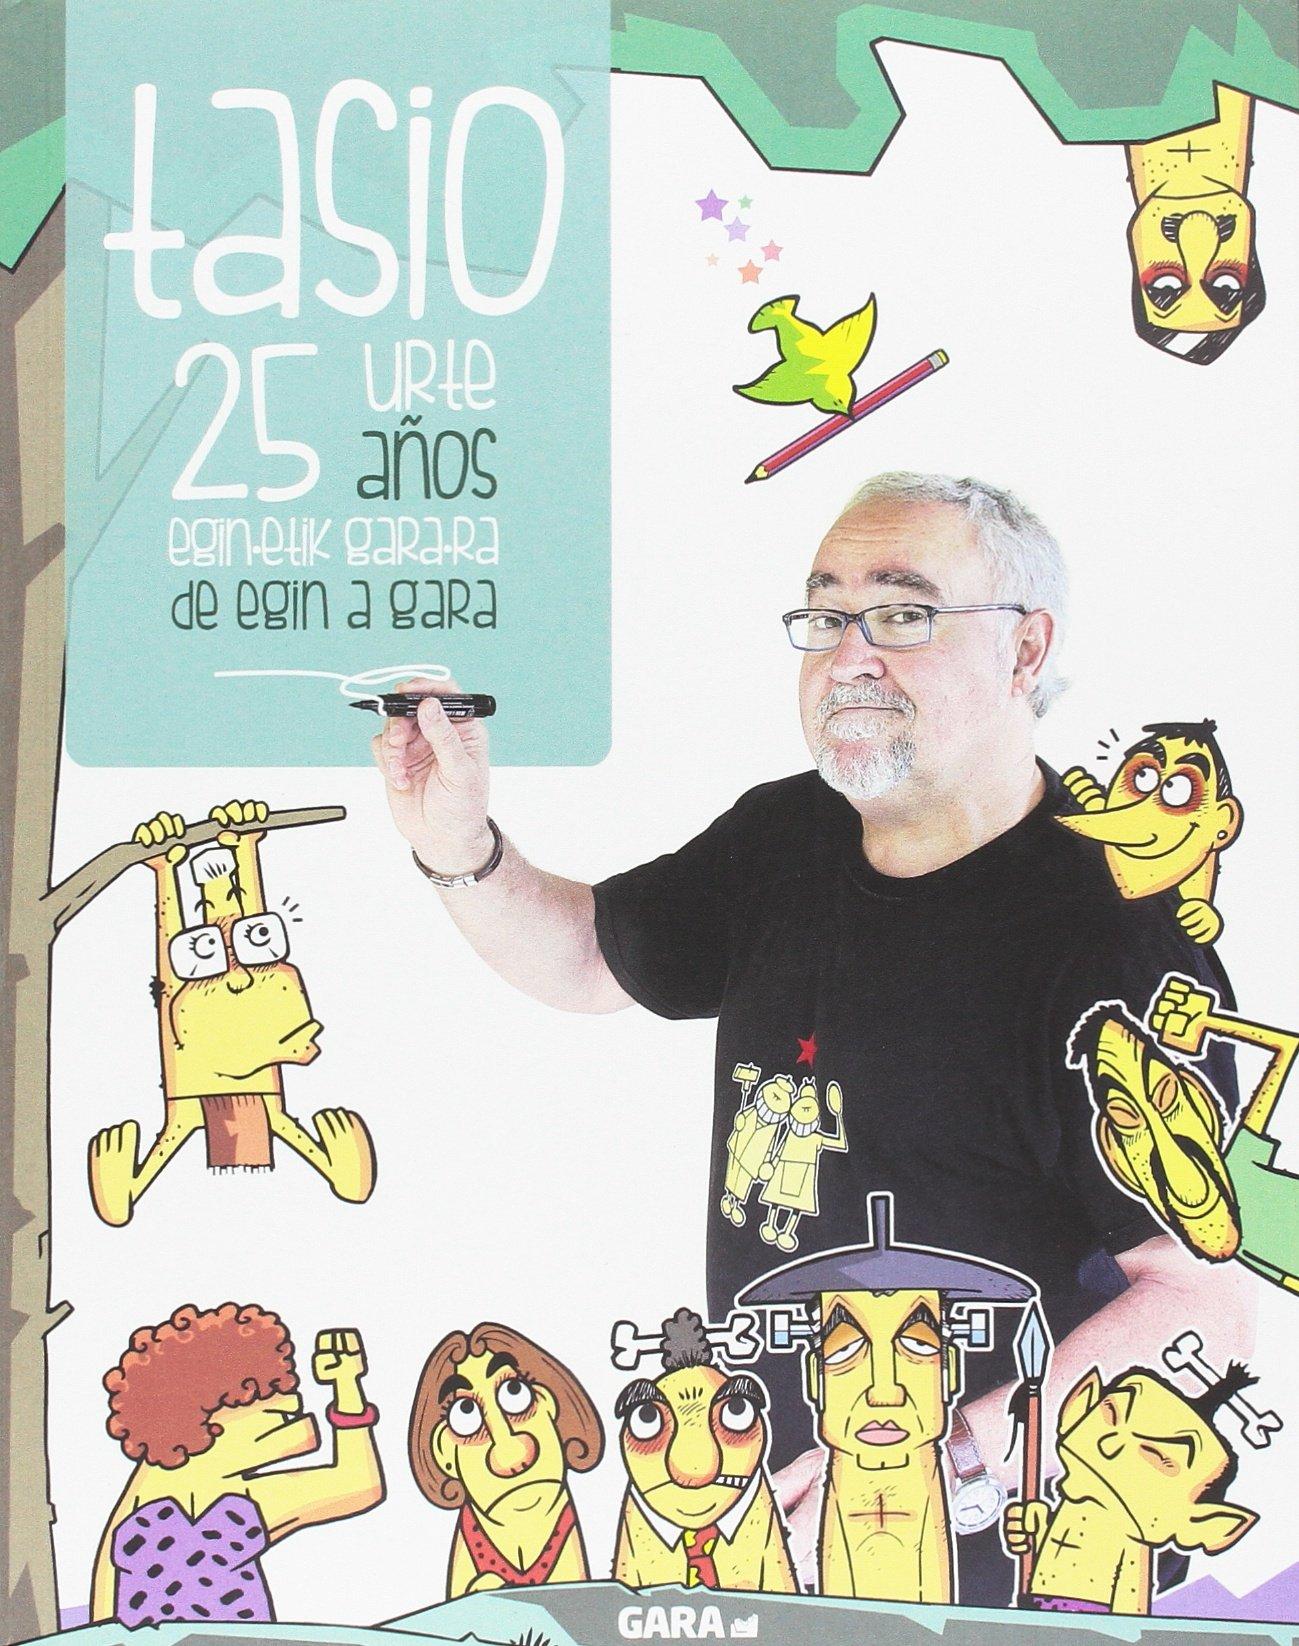 Tasio, 25 urte: Eginetik Garara